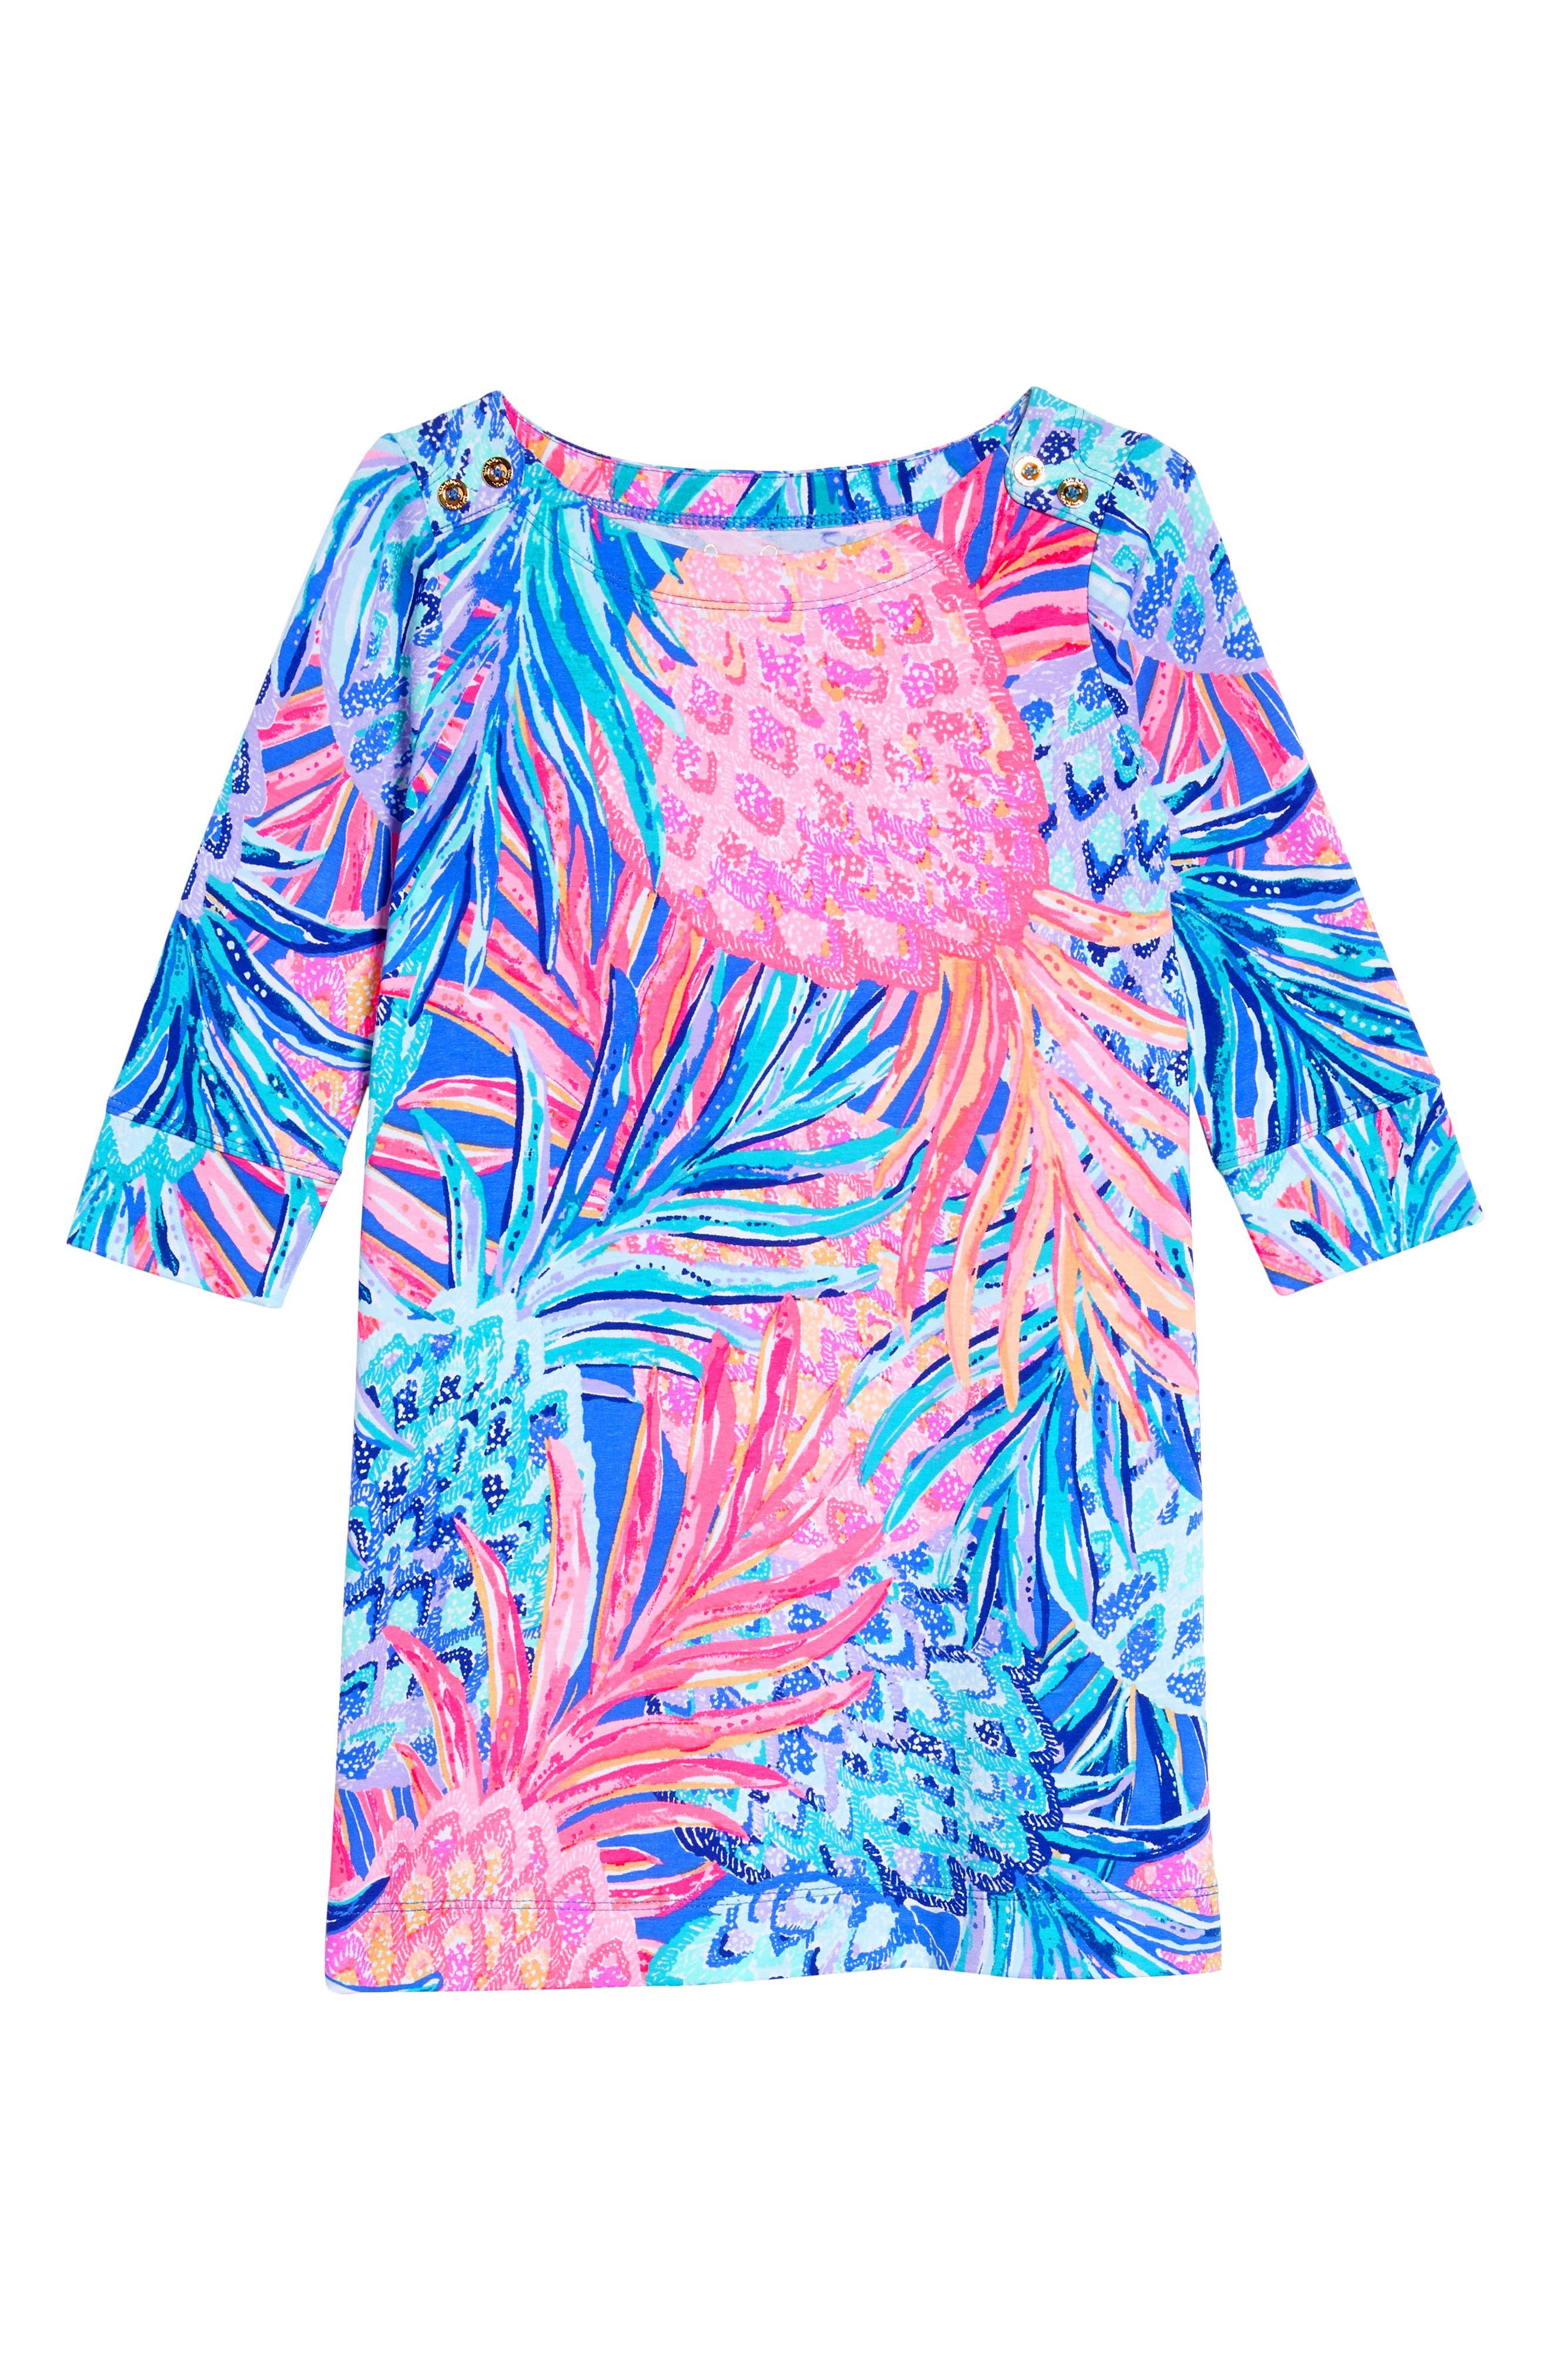 Mini Sophie UPF 50+ Dress,                             Main thumbnail 1, color,                             400